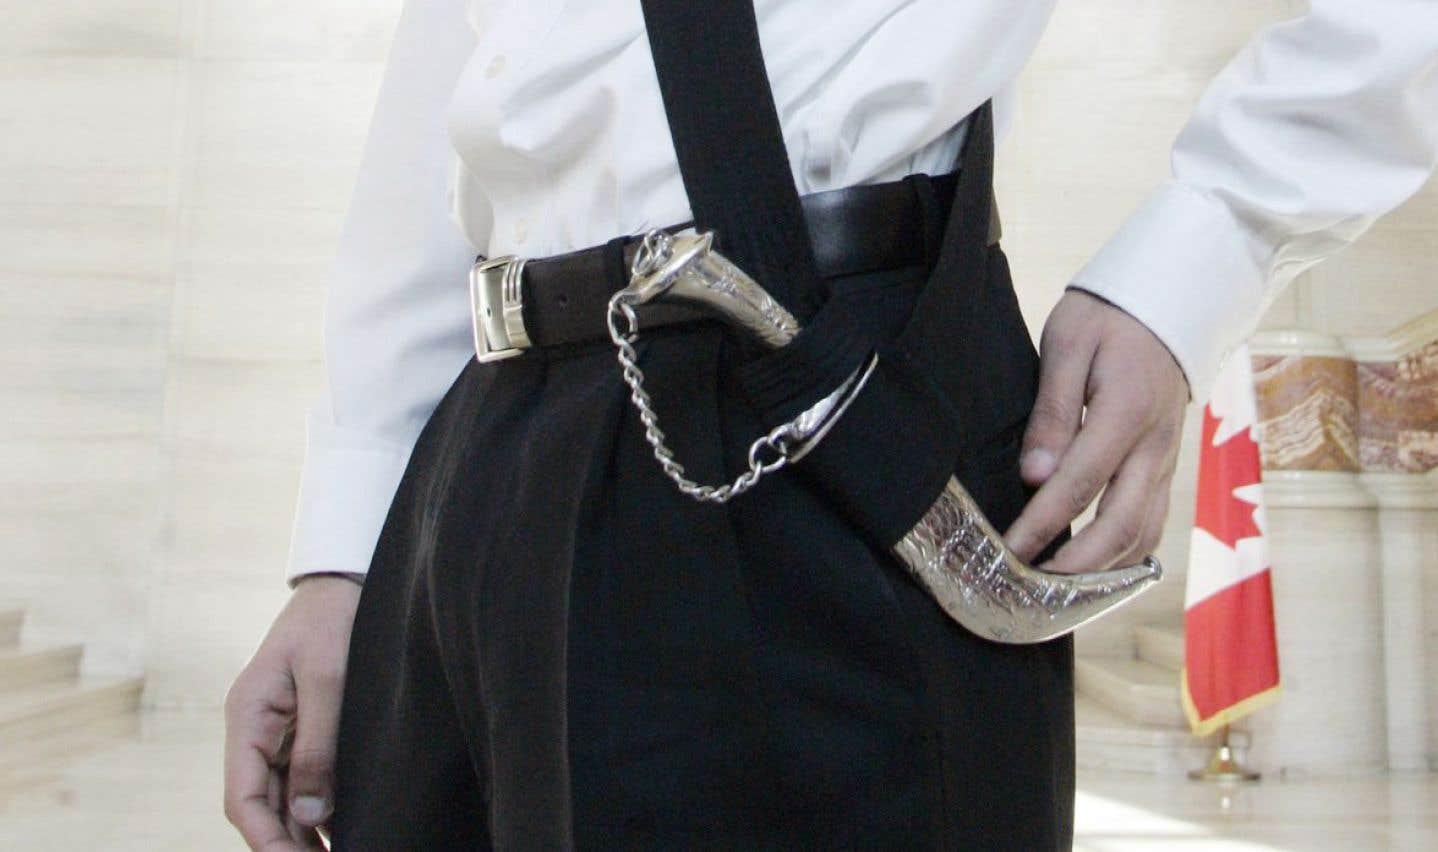 Une motion unanime adoptée en 2011 à l'Assemblée nationale confirmait le droit d'interdire l'entrée à quiconque refuserait d'enlever son kirpan avant de pénétrer dans l'enceinte du parlement.